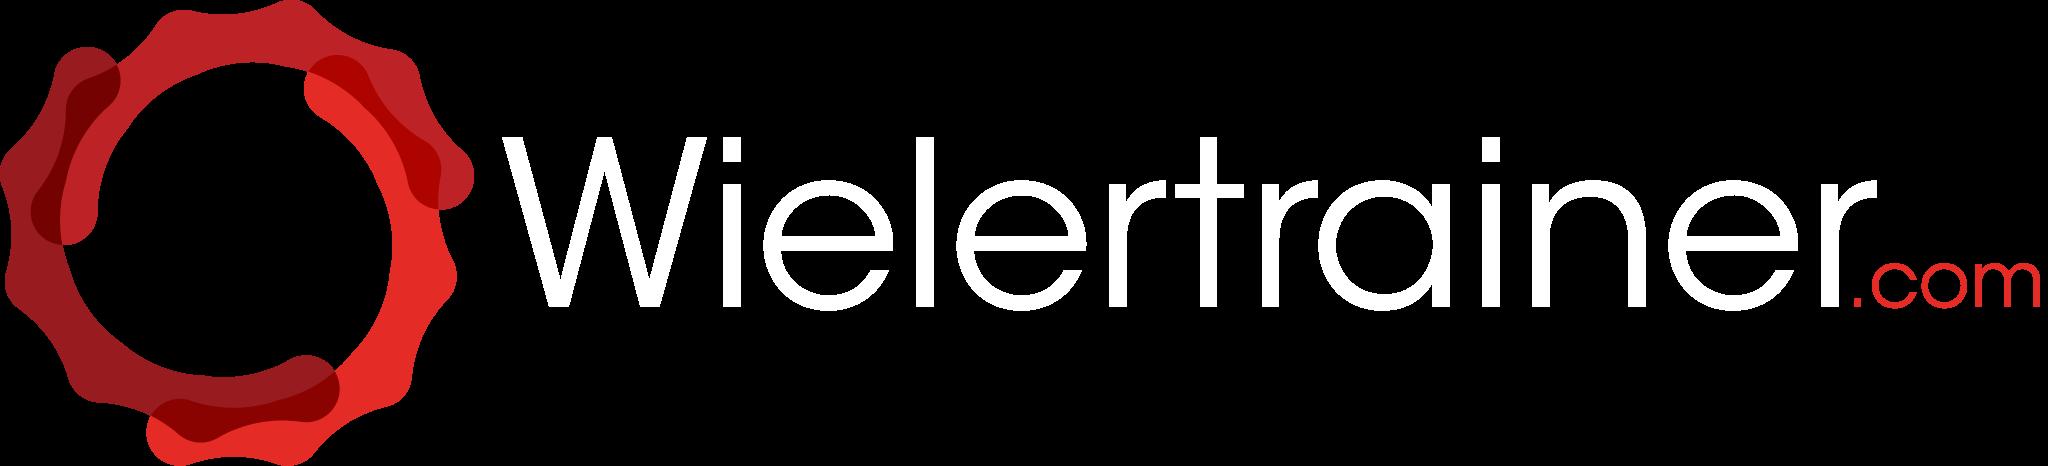 Wielertrainer.com